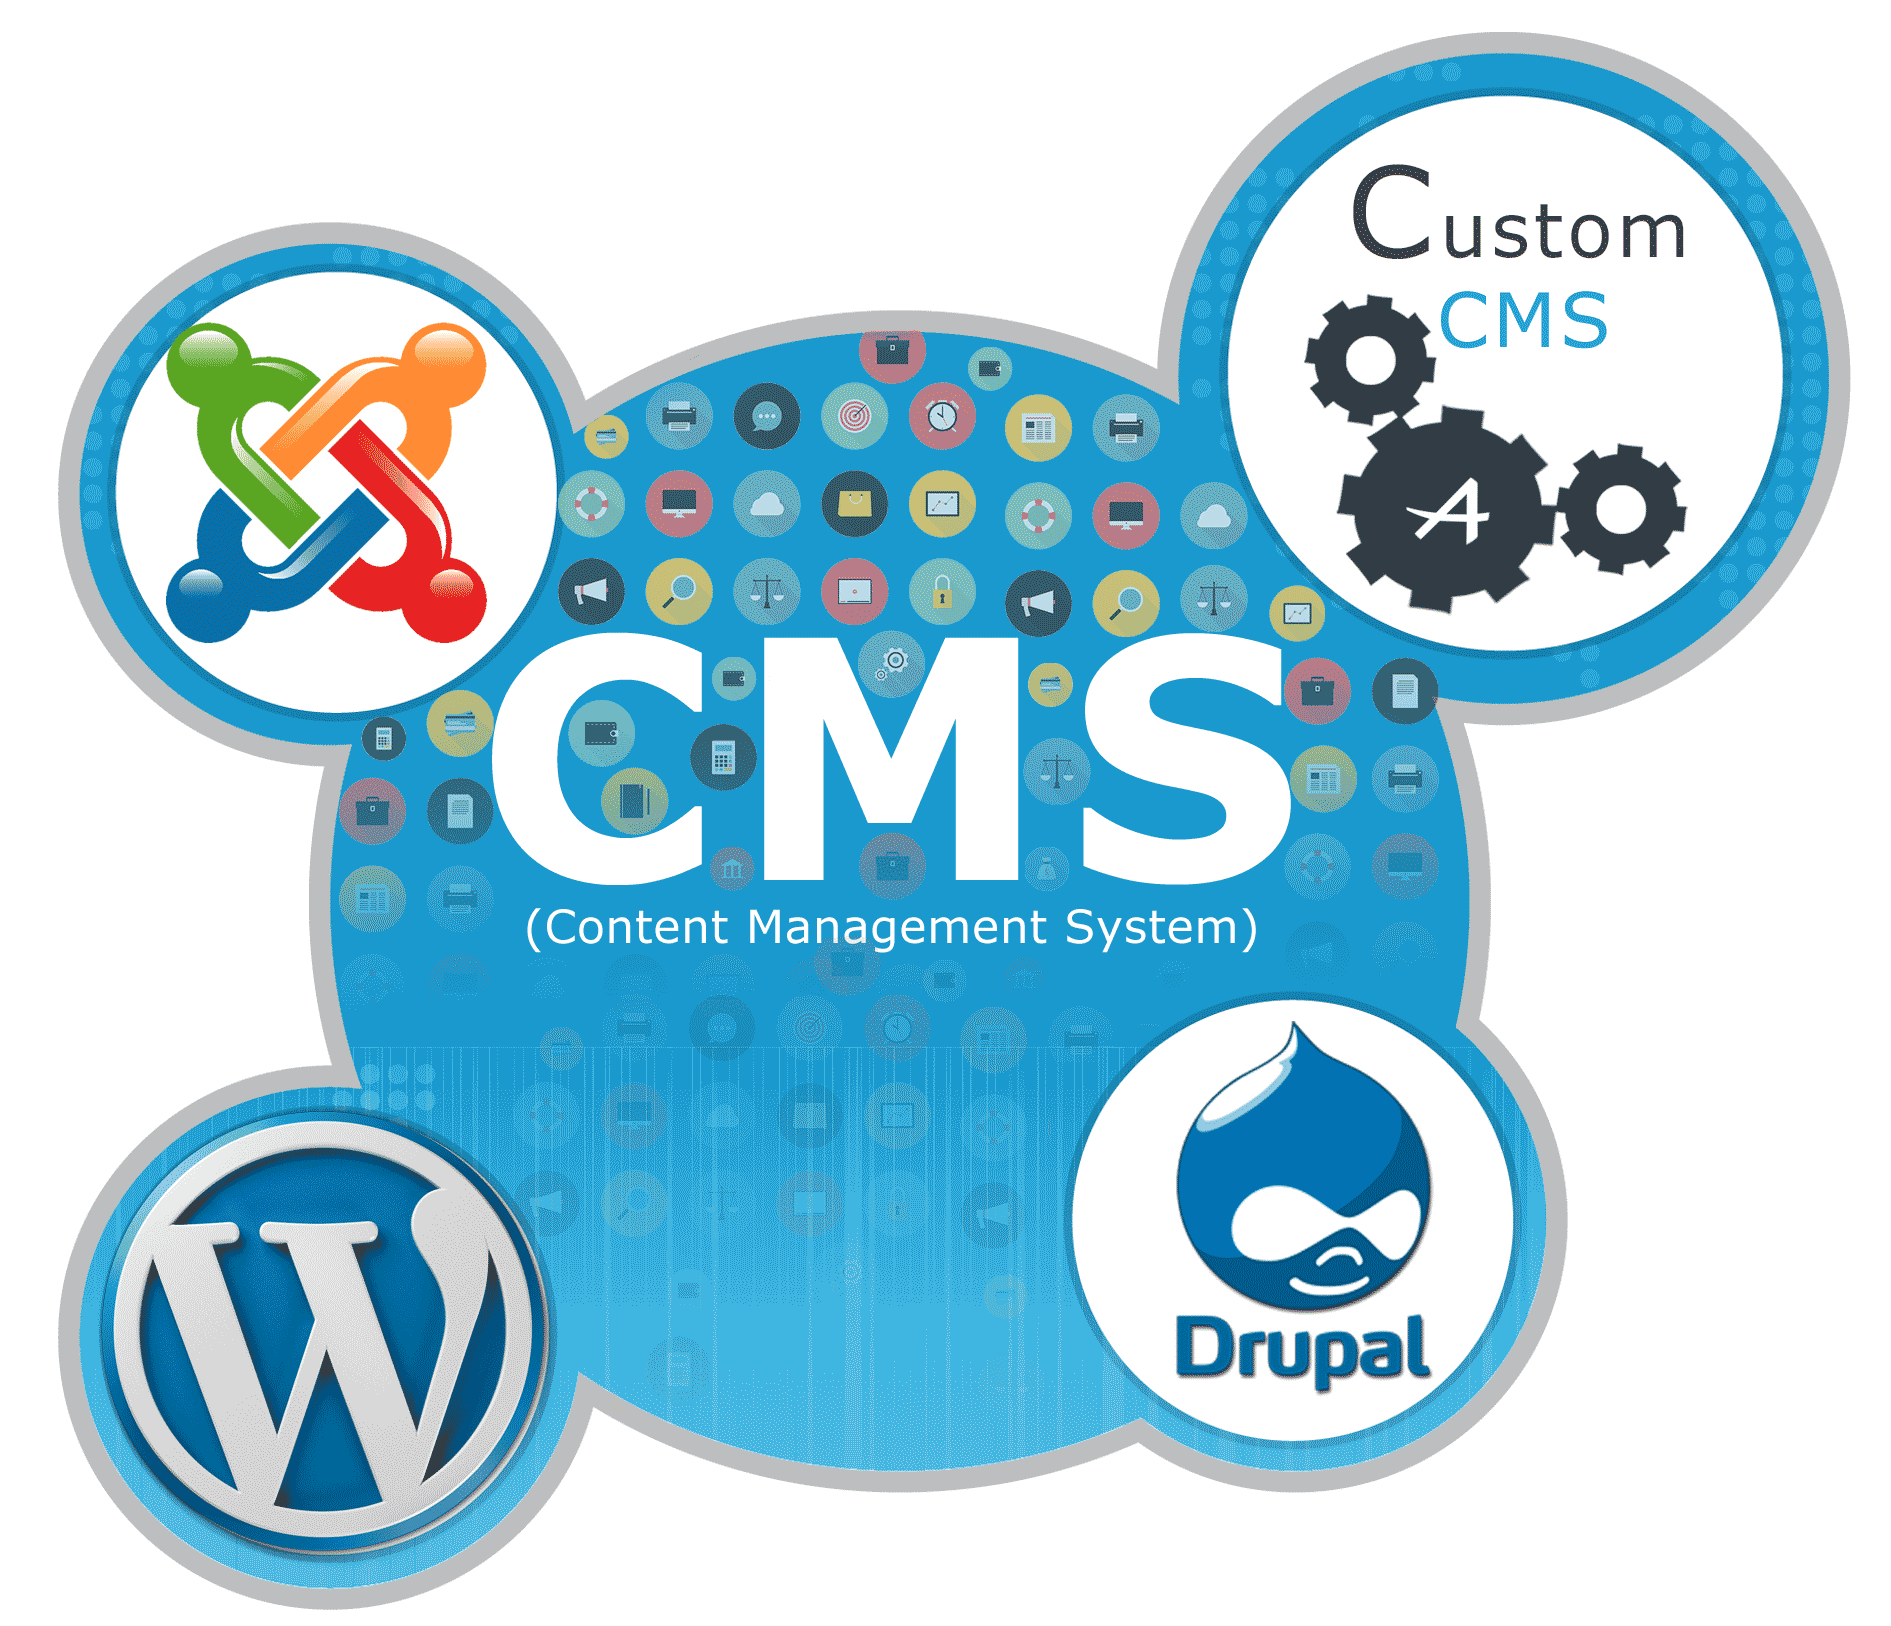 Top 3 Content Management Systems Cms Content Management System Website Development Web Development Design